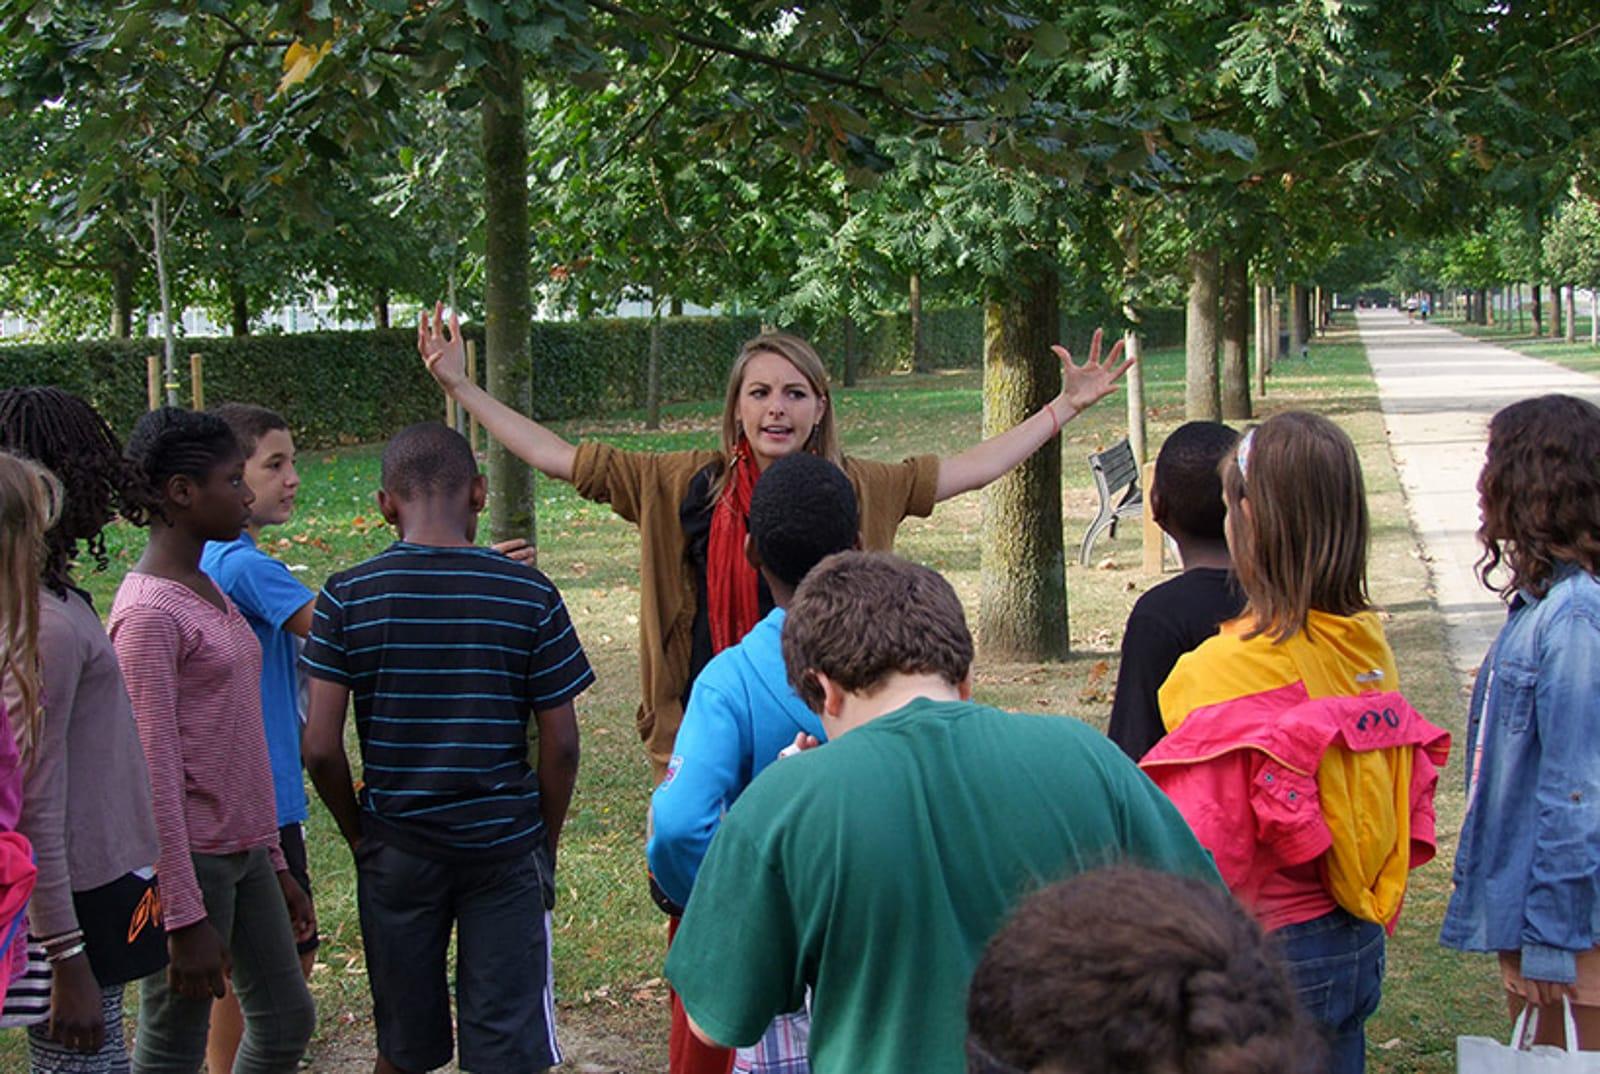 Visite parc des lilas les enfants du patrimoine un jardn dans ma main CAUE 94®Hermeline carpentie